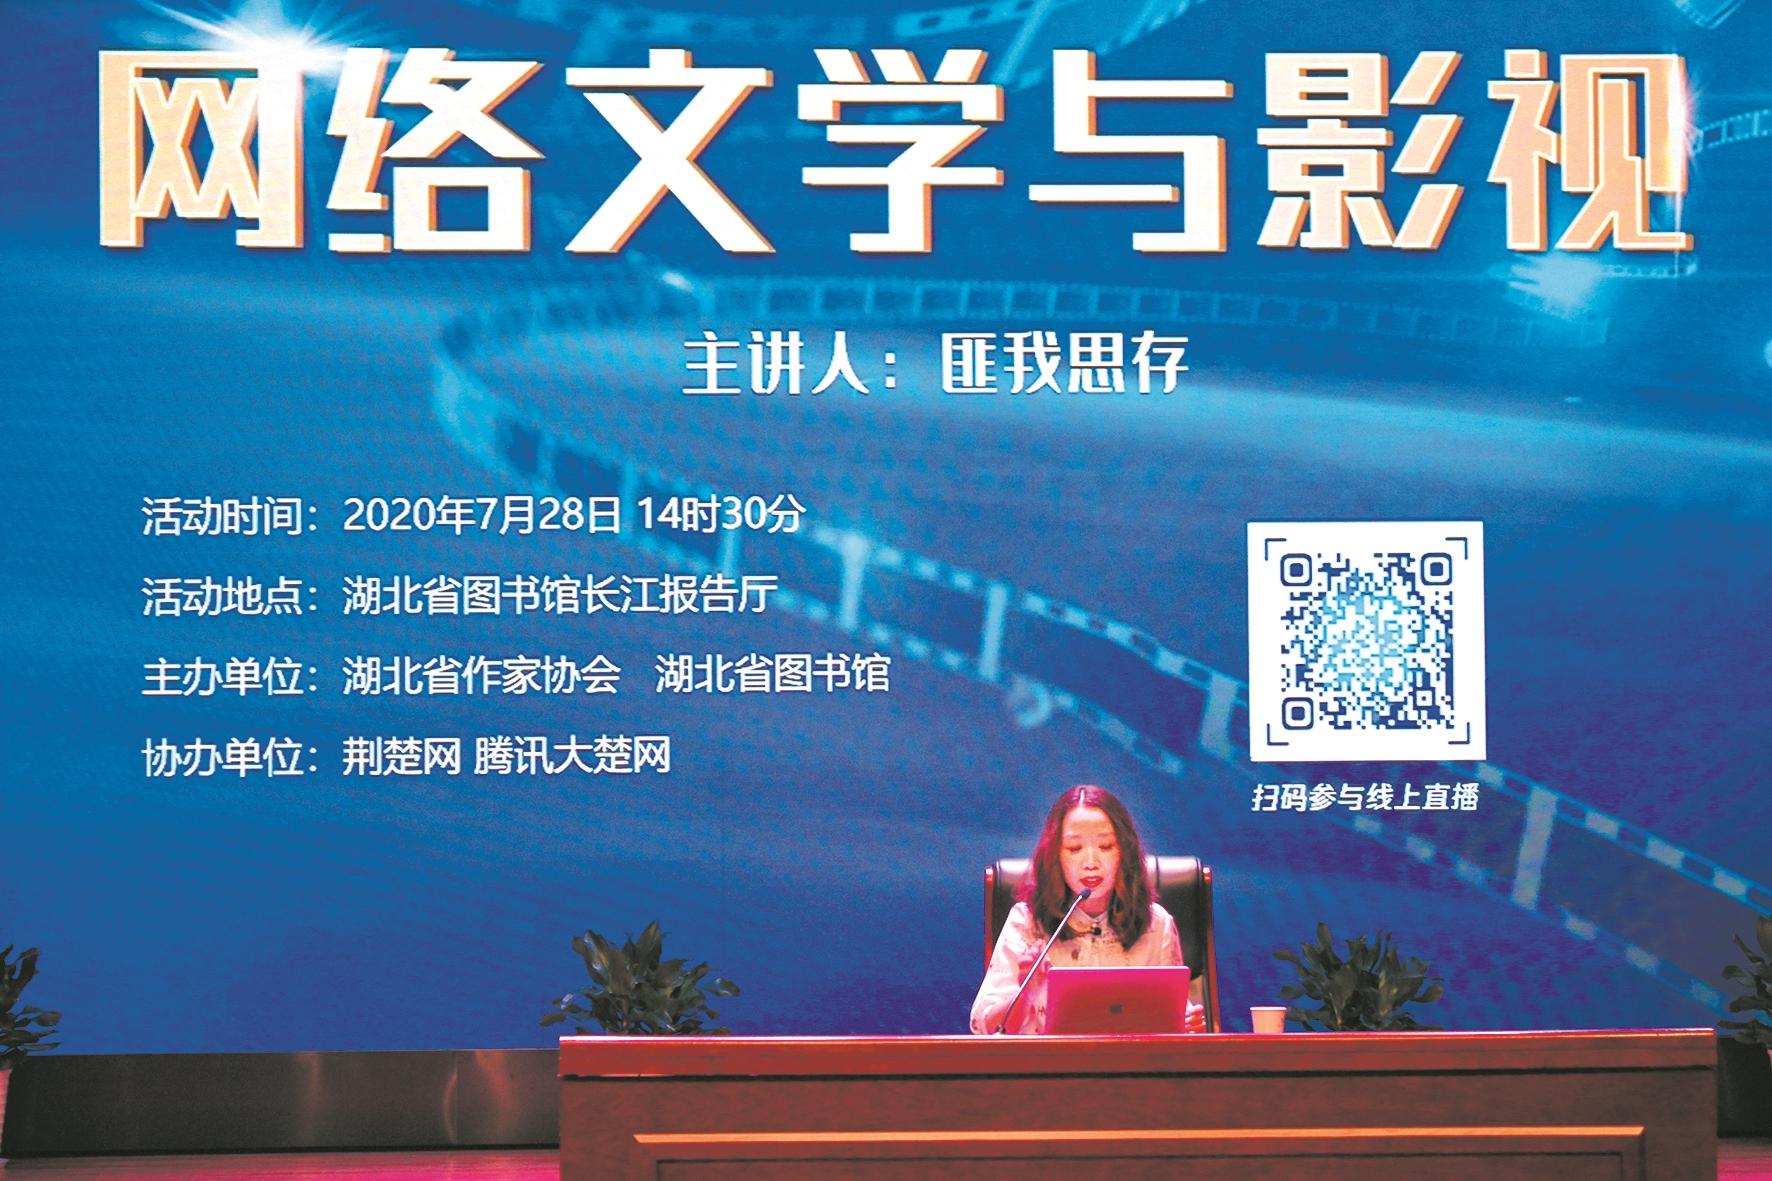 湖北省图书馆e海悦读大数据出炉